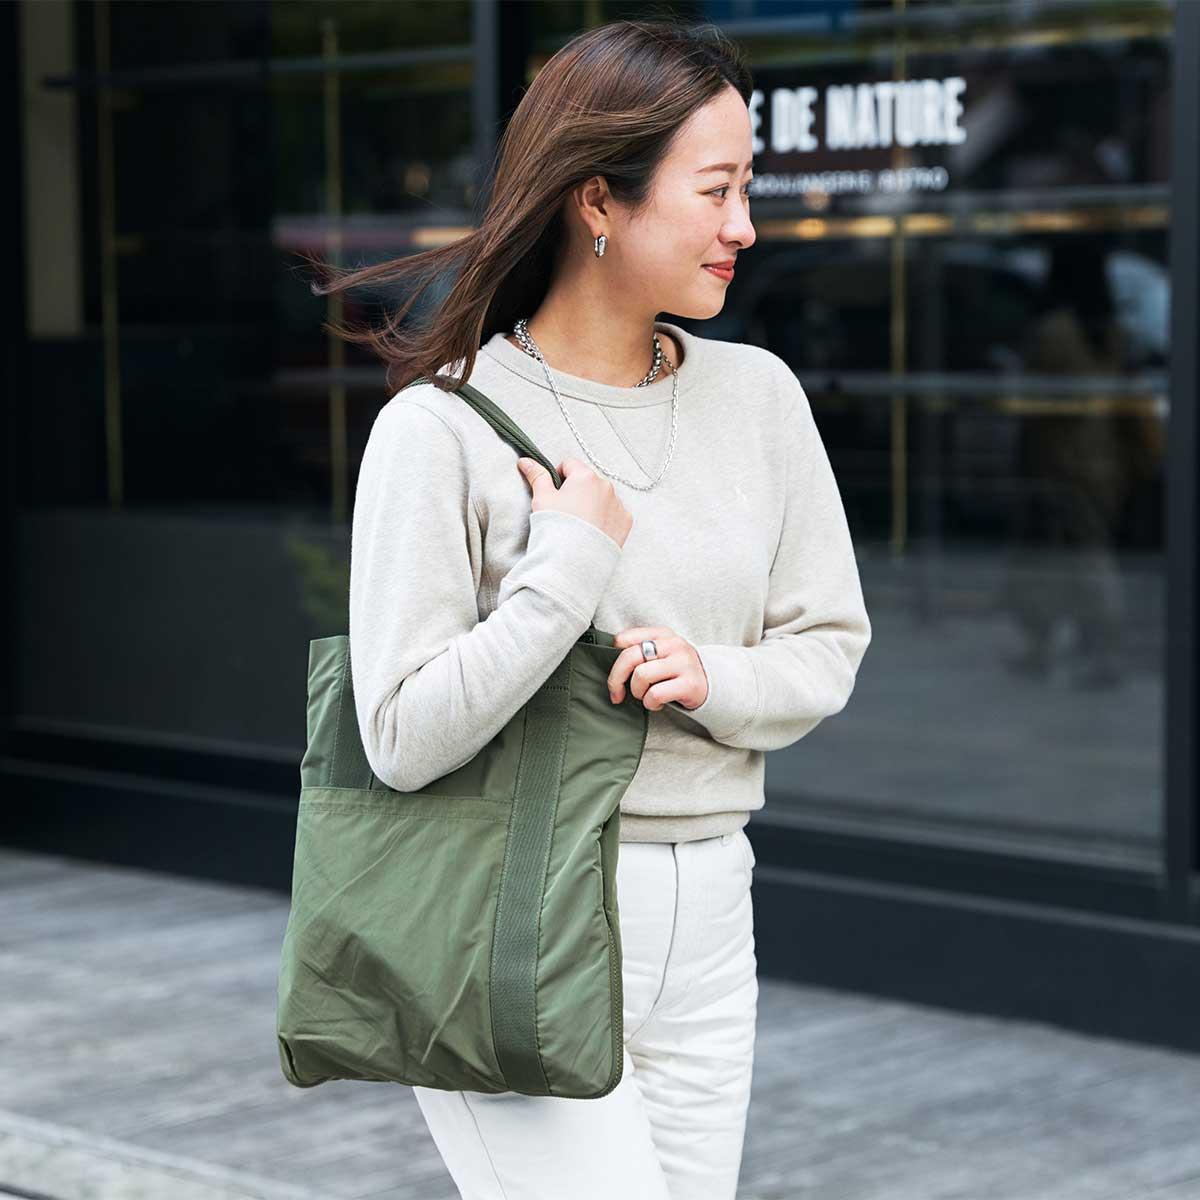 一見、薄さ1.5cmのぺたんこトート。薄型トートバッグが大容量バッグに変身するバッグ|WARPトランスフォームジッパーバッグ